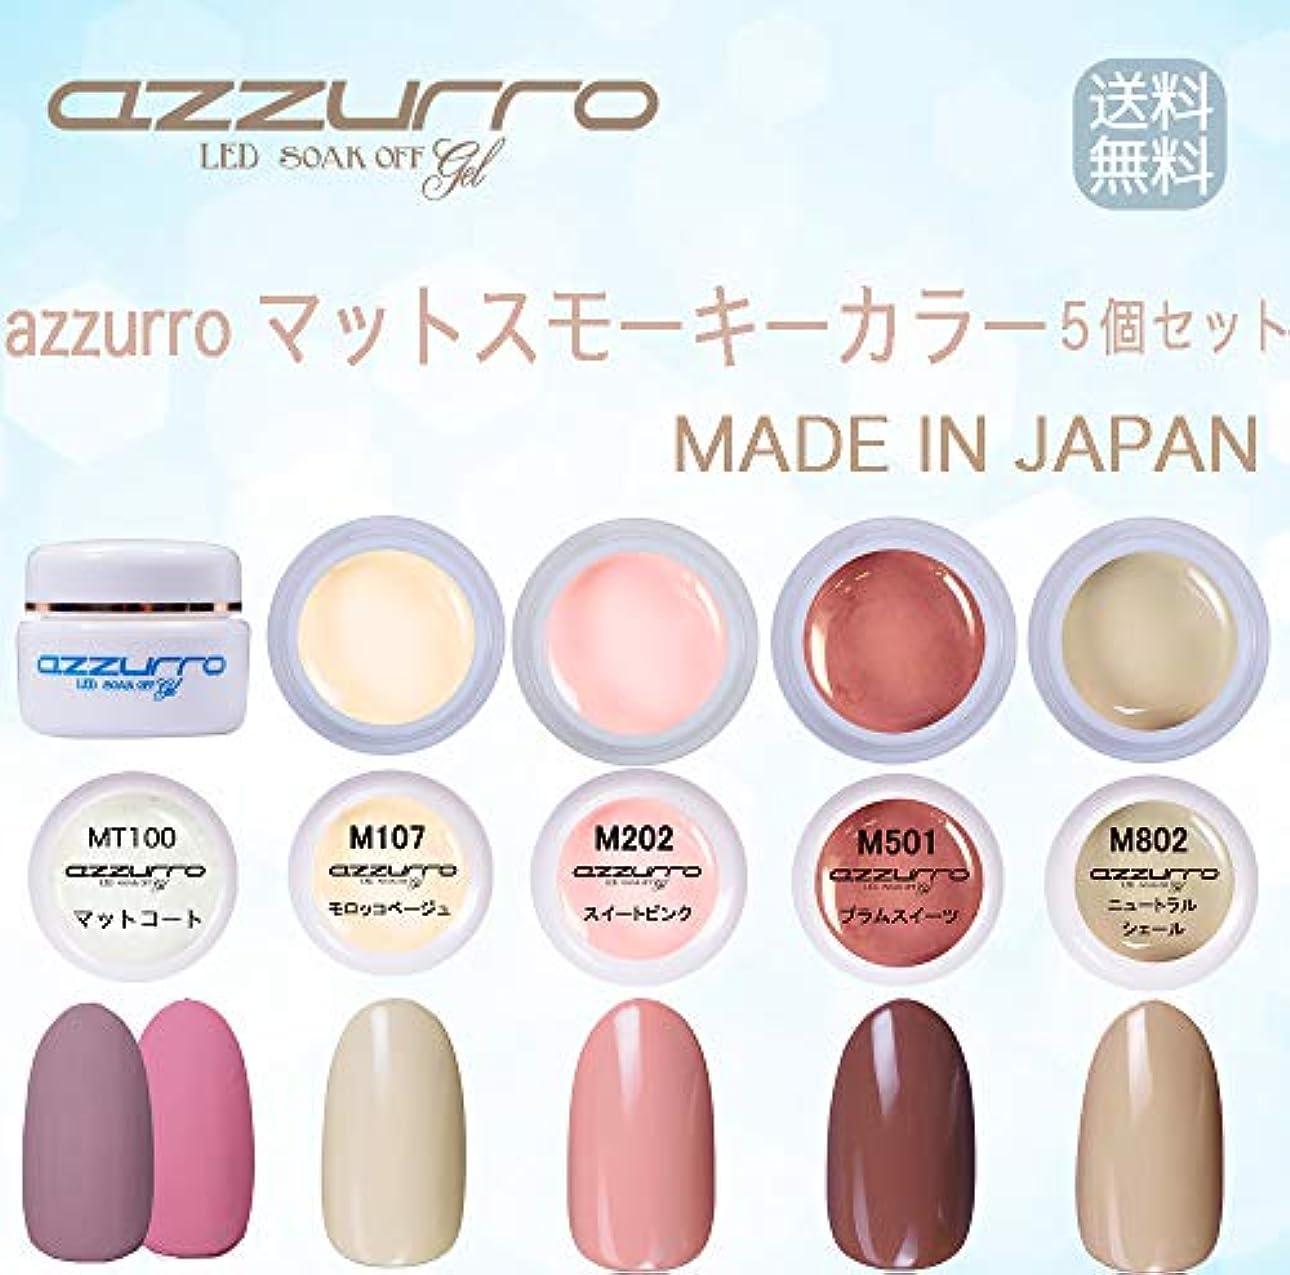 ネイティブかもめ書士【送料無料】日本製 azzurro gel マットスモーキーパステルカラー5個セット 春色にもかかせないマットコートとスモーキーパステルカラー